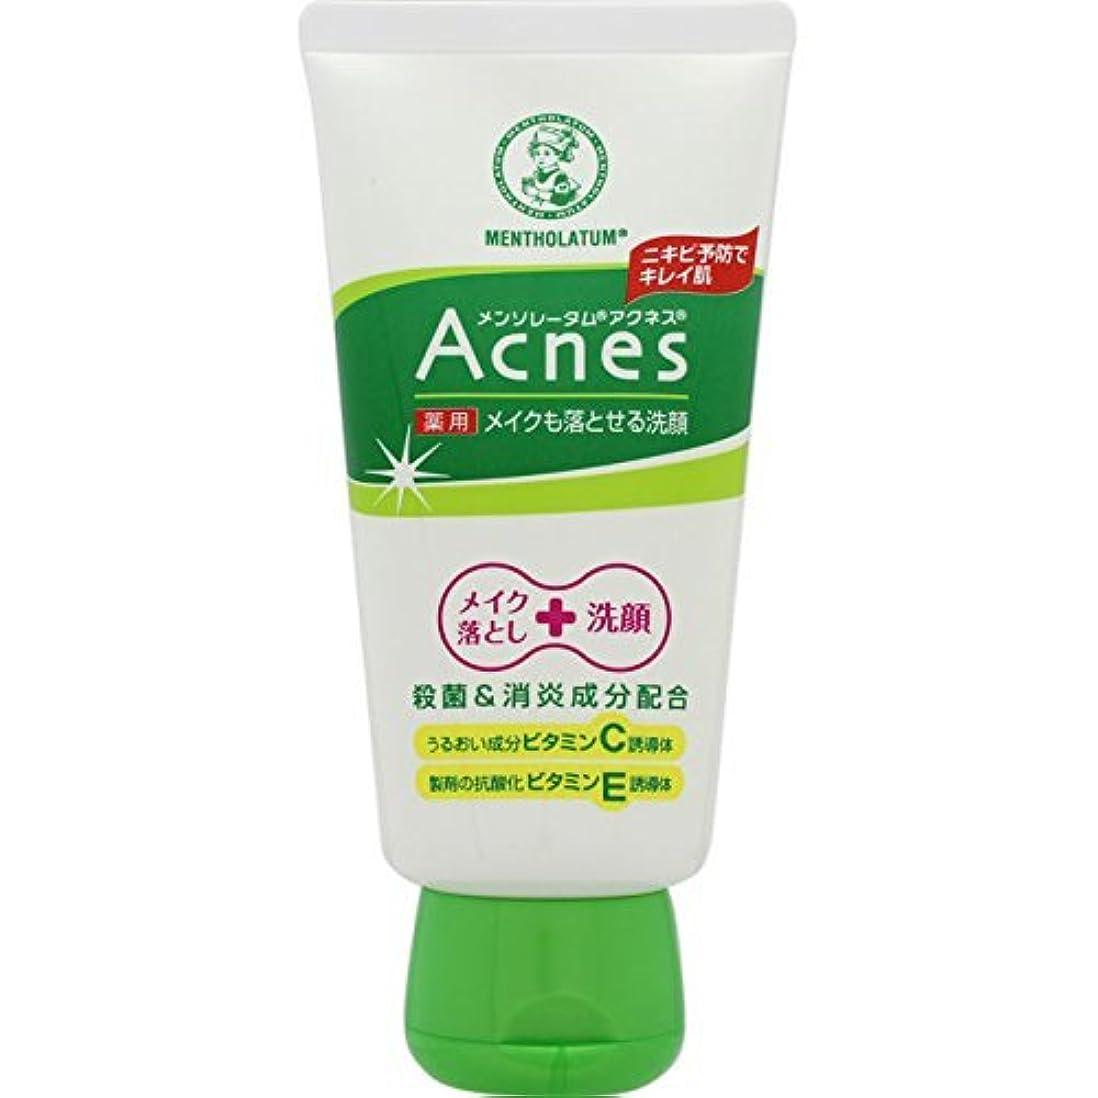 延期する規範無人Acnes(アクネス) 薬用メイクも落とせる洗顔 130g【医薬部外品】